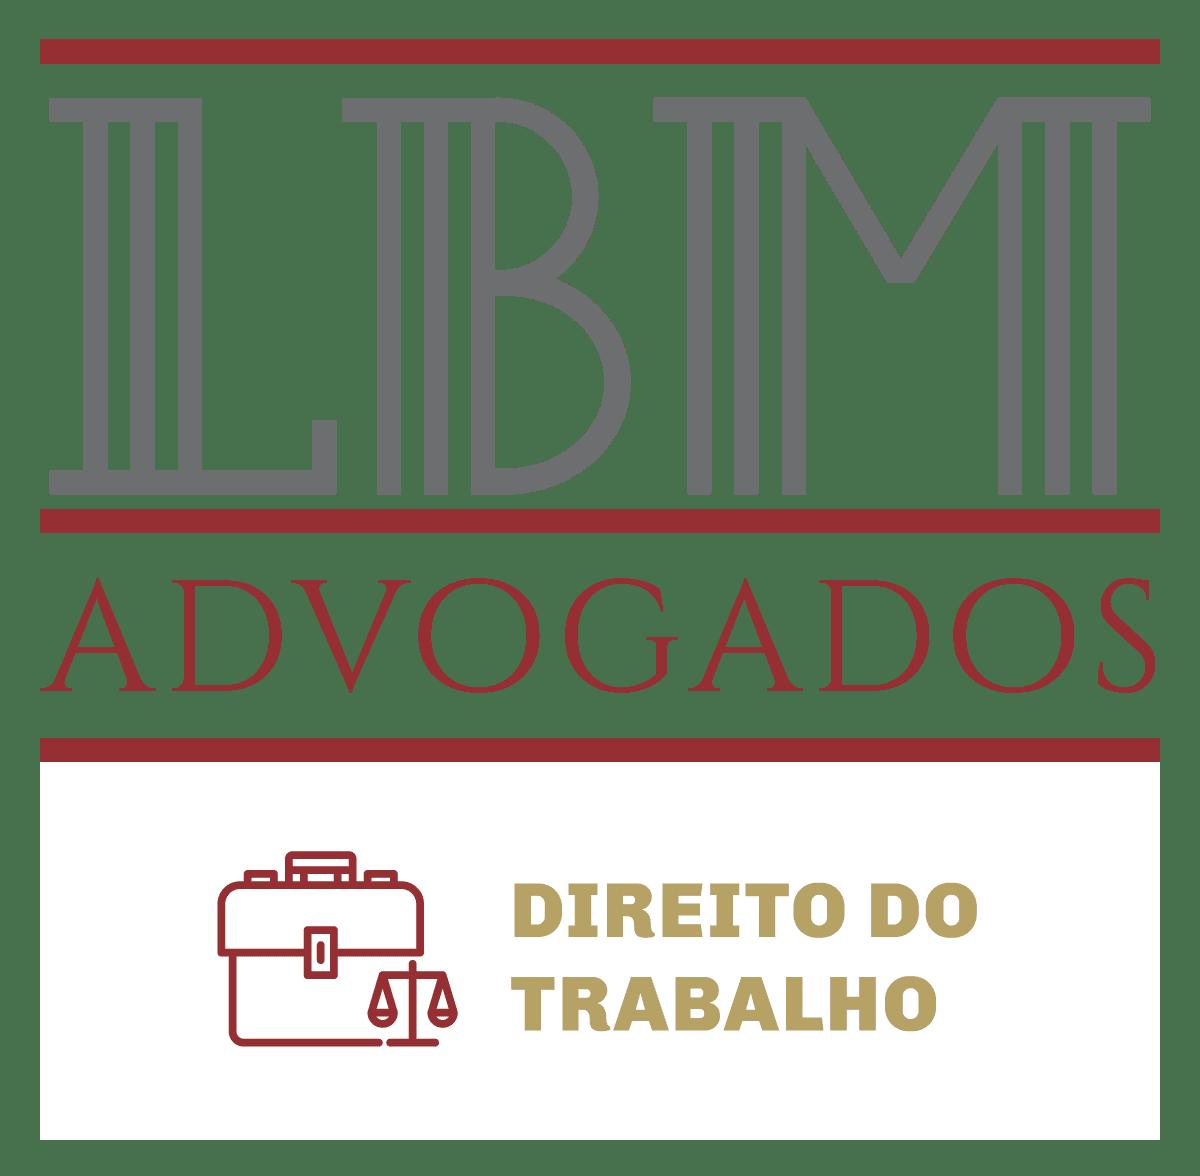 Advogados Direito do Trabalho